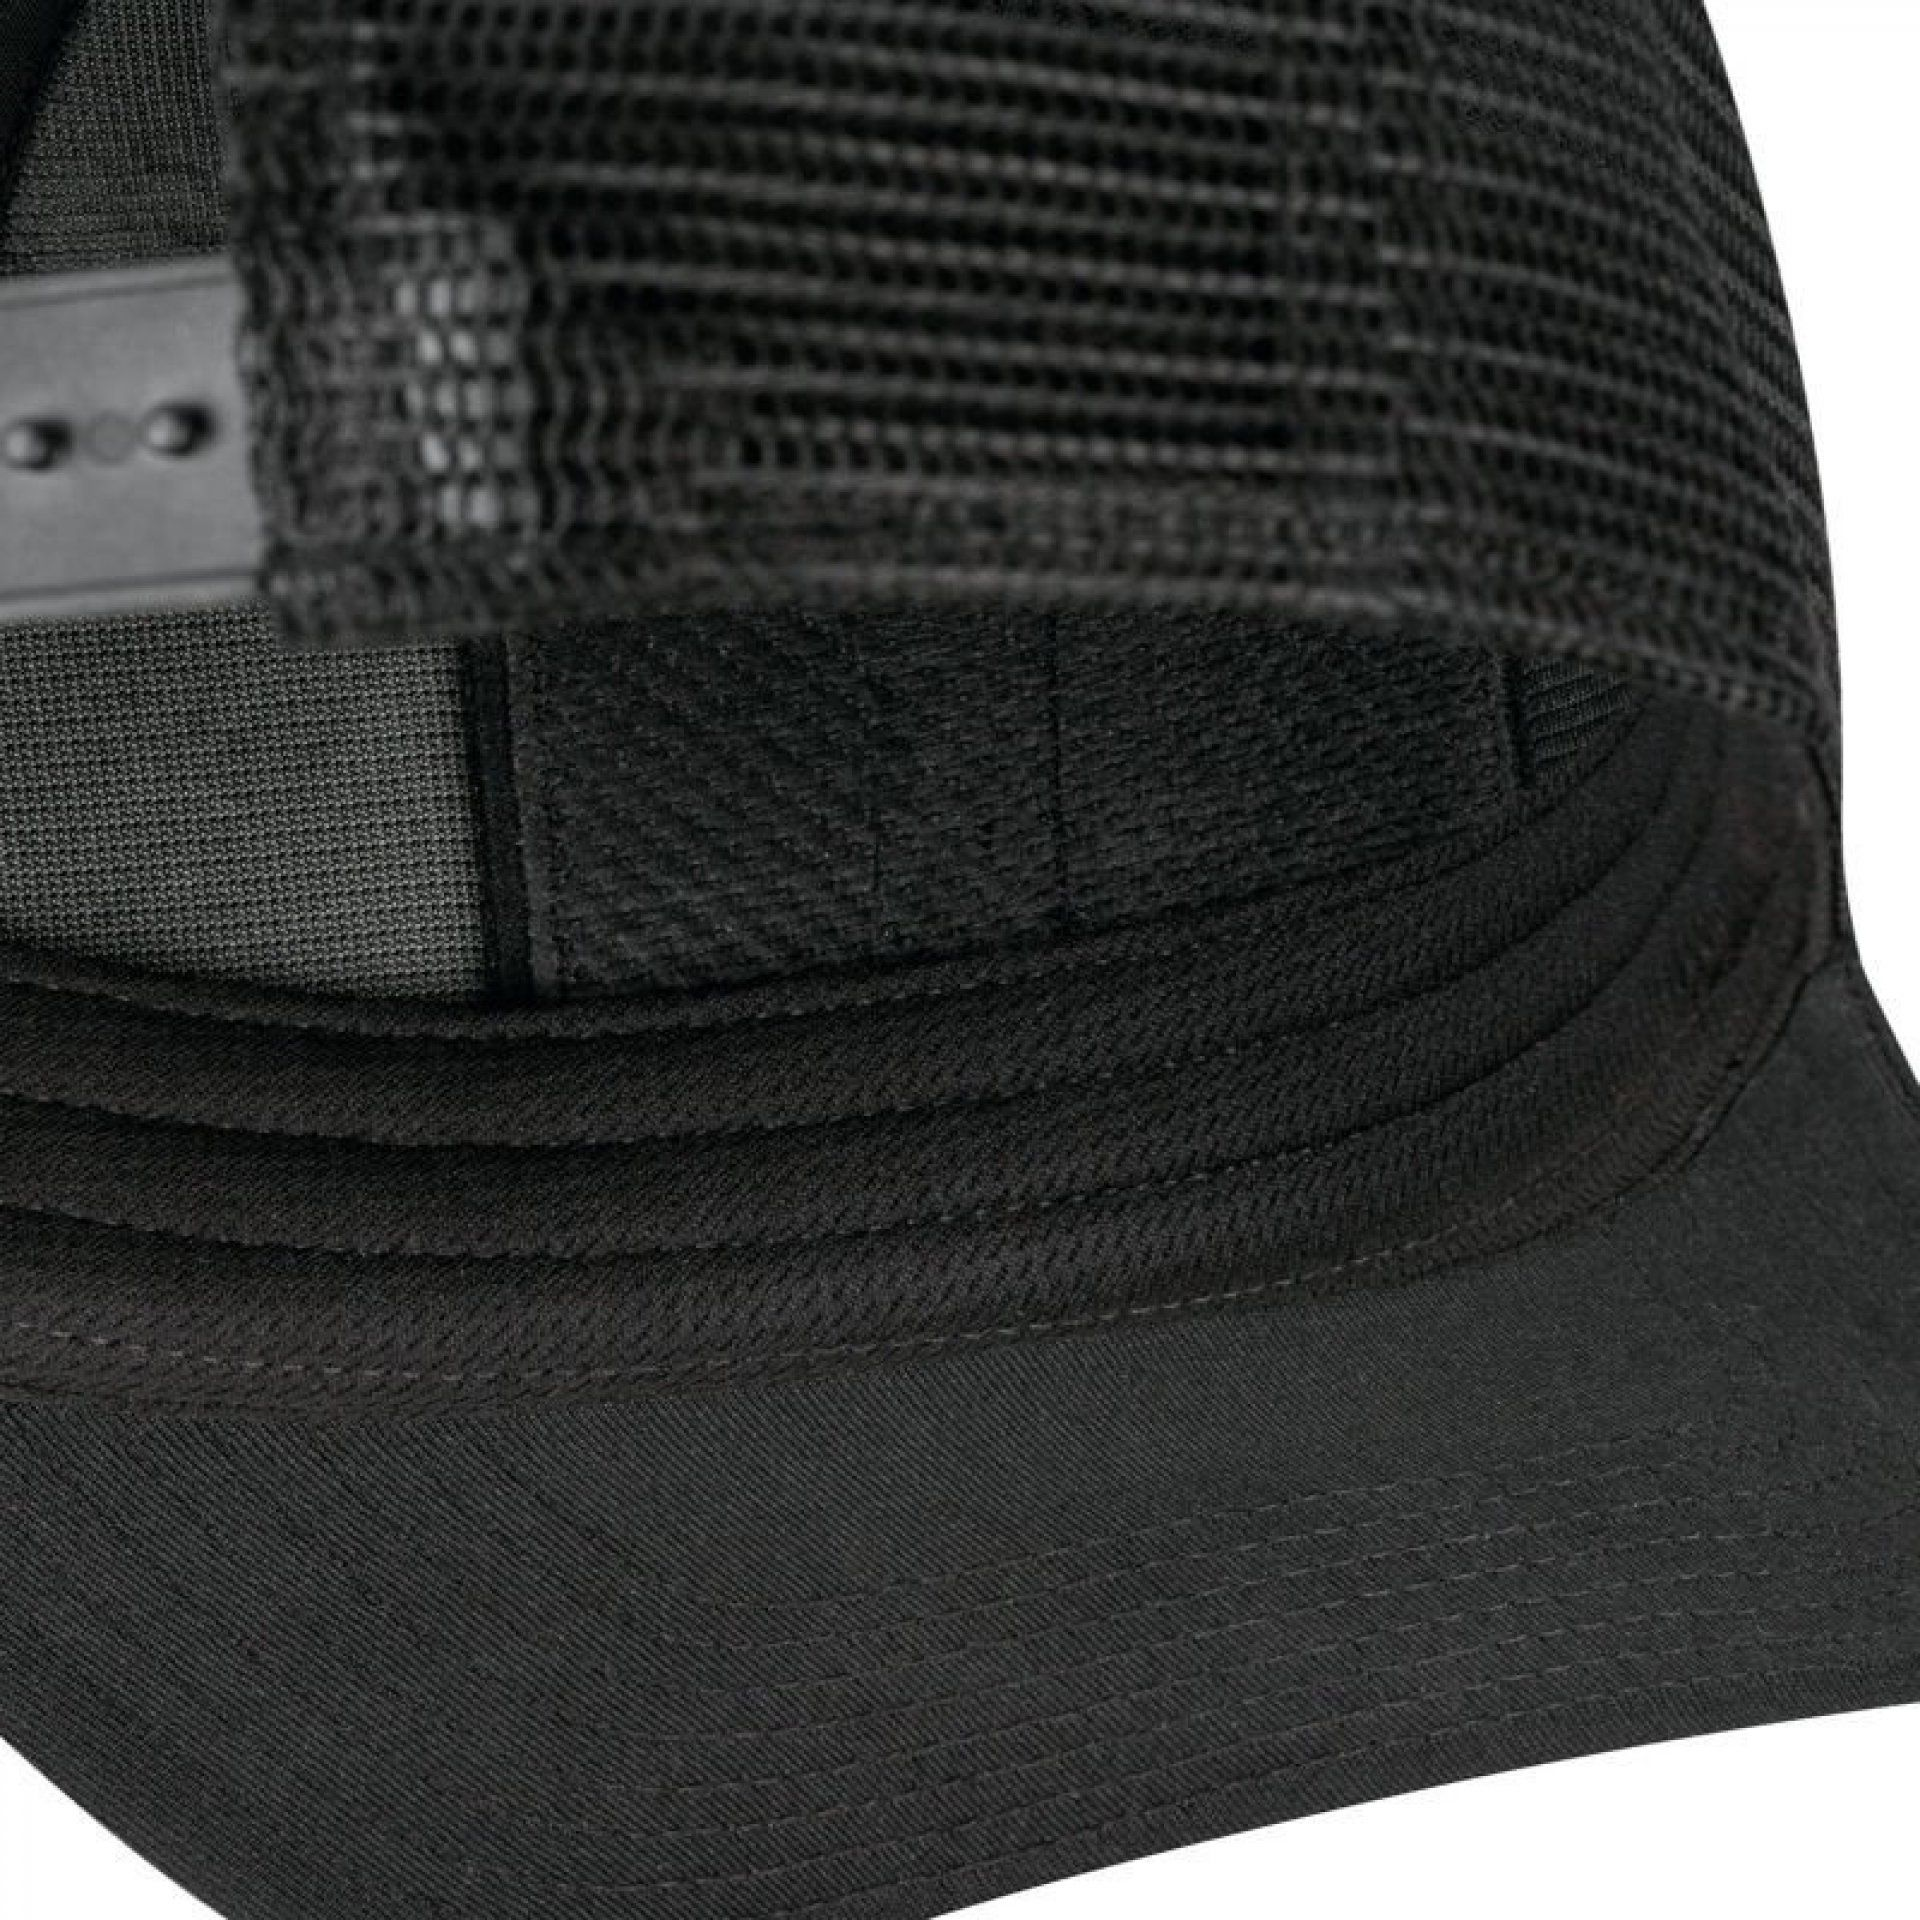 CZAPKA Z DASZKIEM BUFF TRUCKER CAP JASUM BLACK WEWNĄTRZ